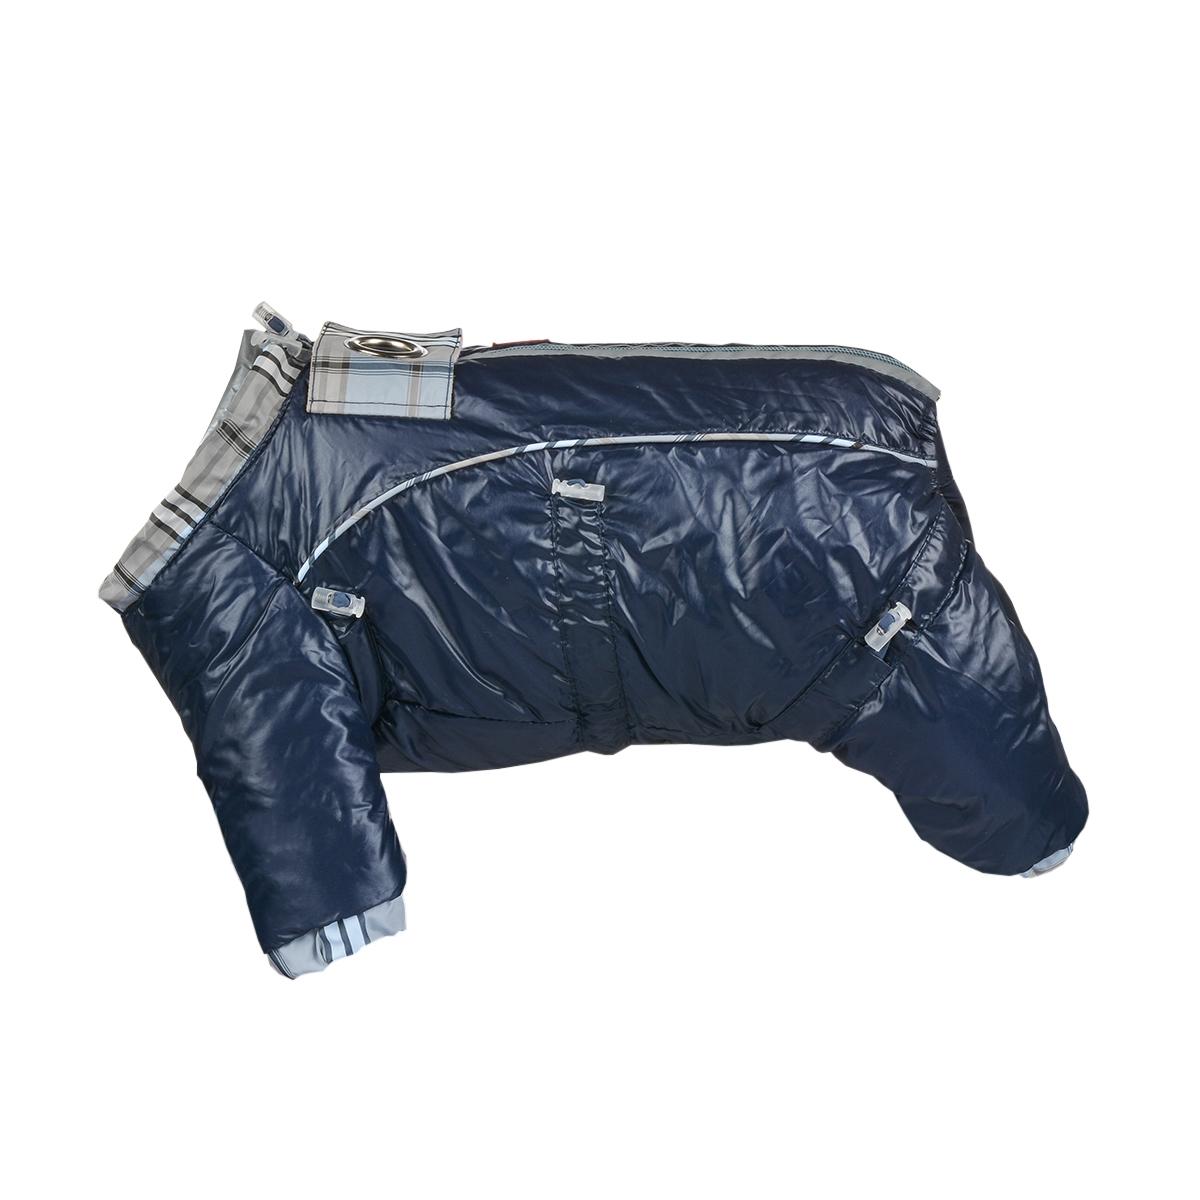 """Комбинезон для собак Dogmoda """"Doggs"""", зимний, для мальчика, цвет: темно-синий. Размер XL"""